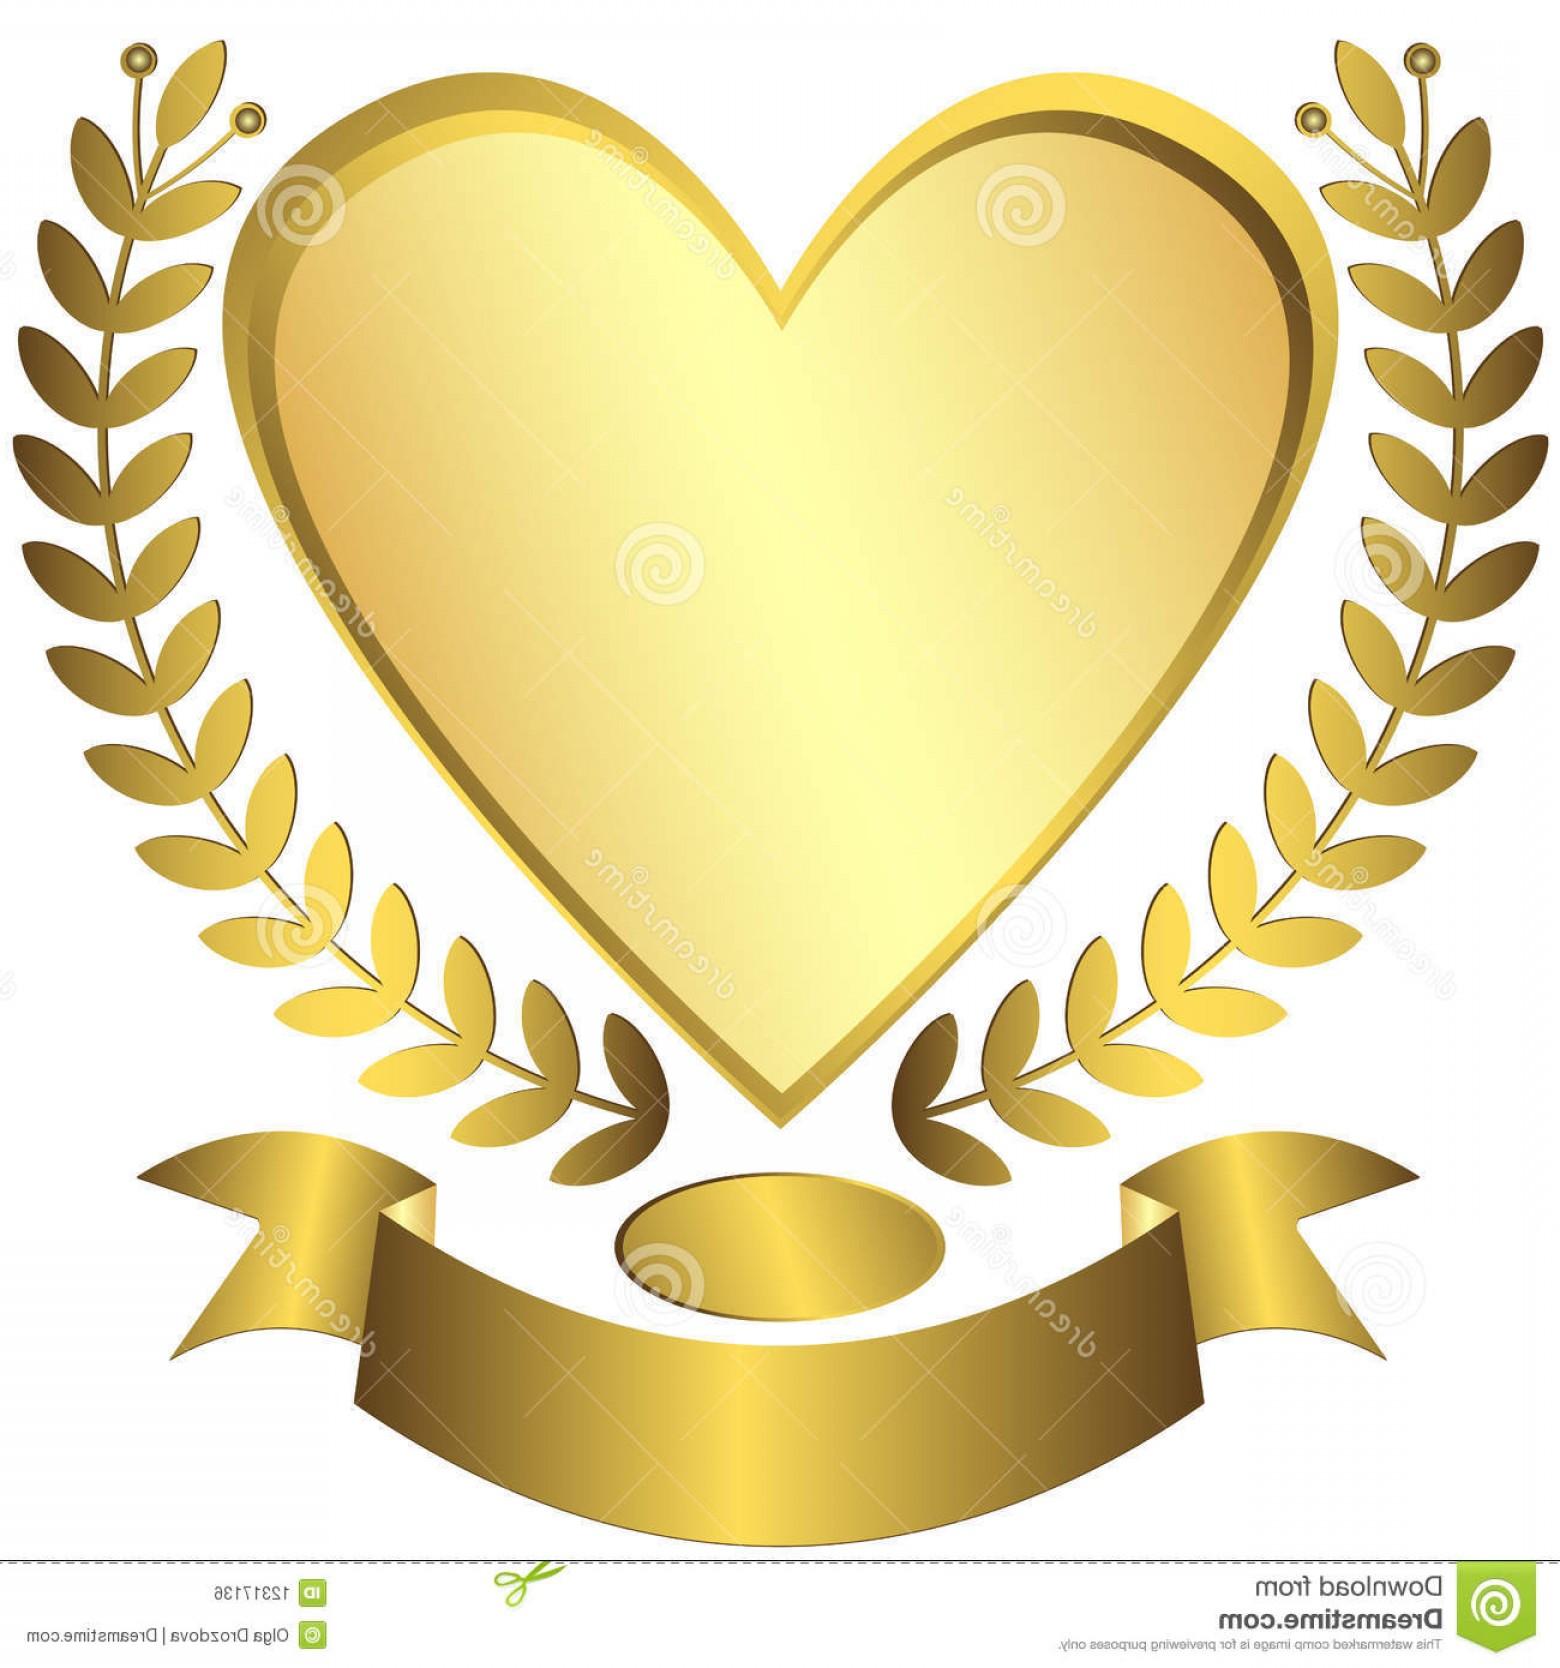 1560x1668 Royalty Free Stock Image Gold Award Heart Ribbon Vector Image